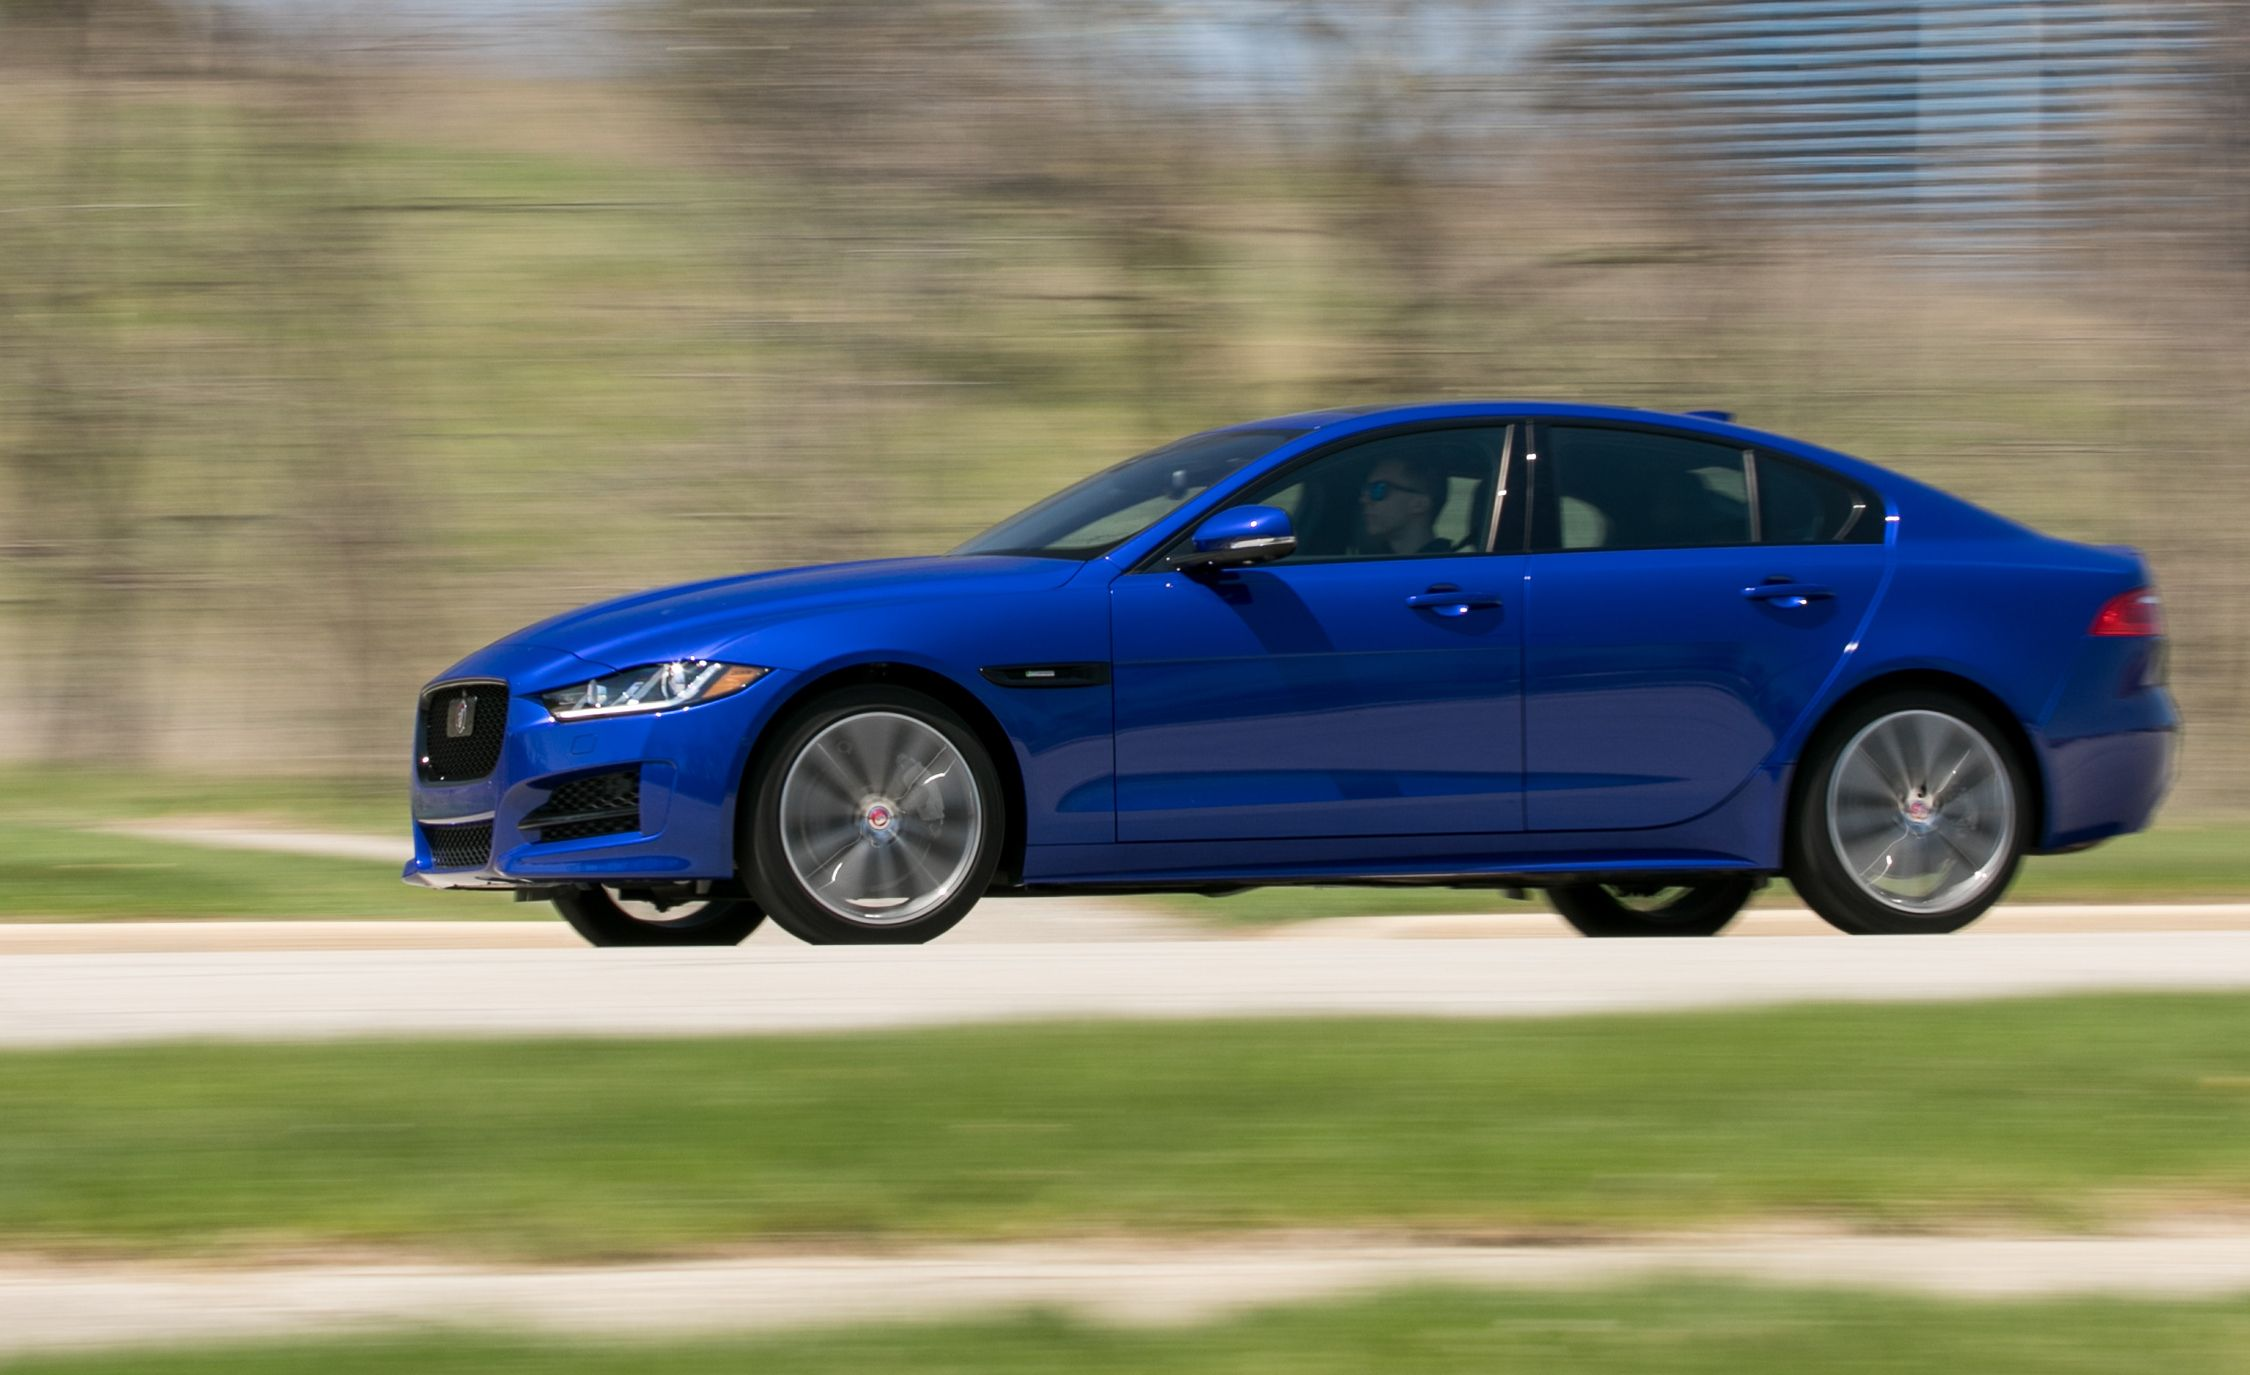 2017 Jaguar Xe 25T >> 2020 Jaguar XE Reviews | Jaguar XE Price, Photos, and ...